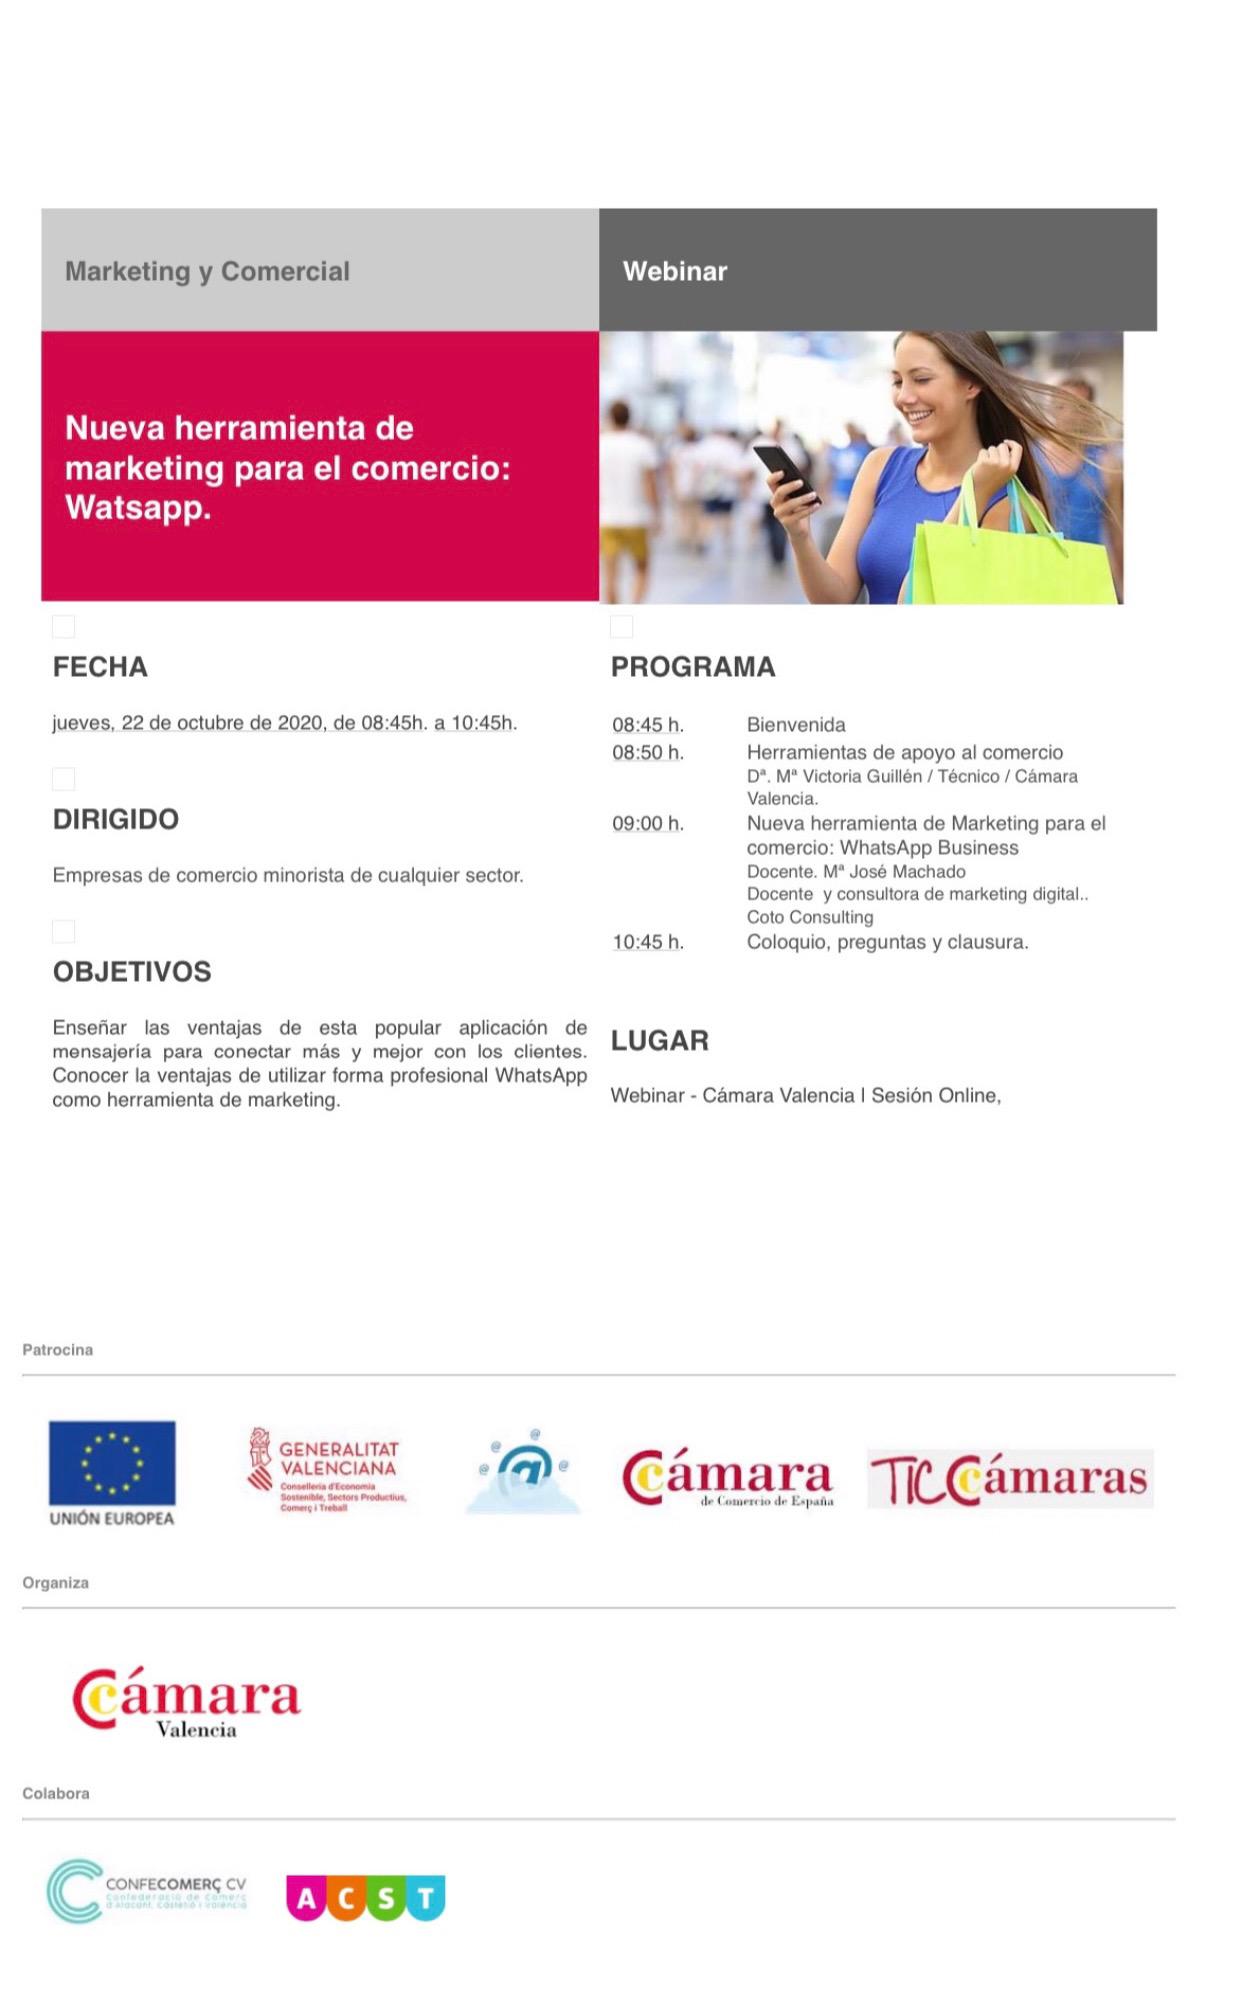 """WEBINAR: """"Nueva Herramienta de Marketing para el Comercio: Whats App"""" (22.10.20) !!"""